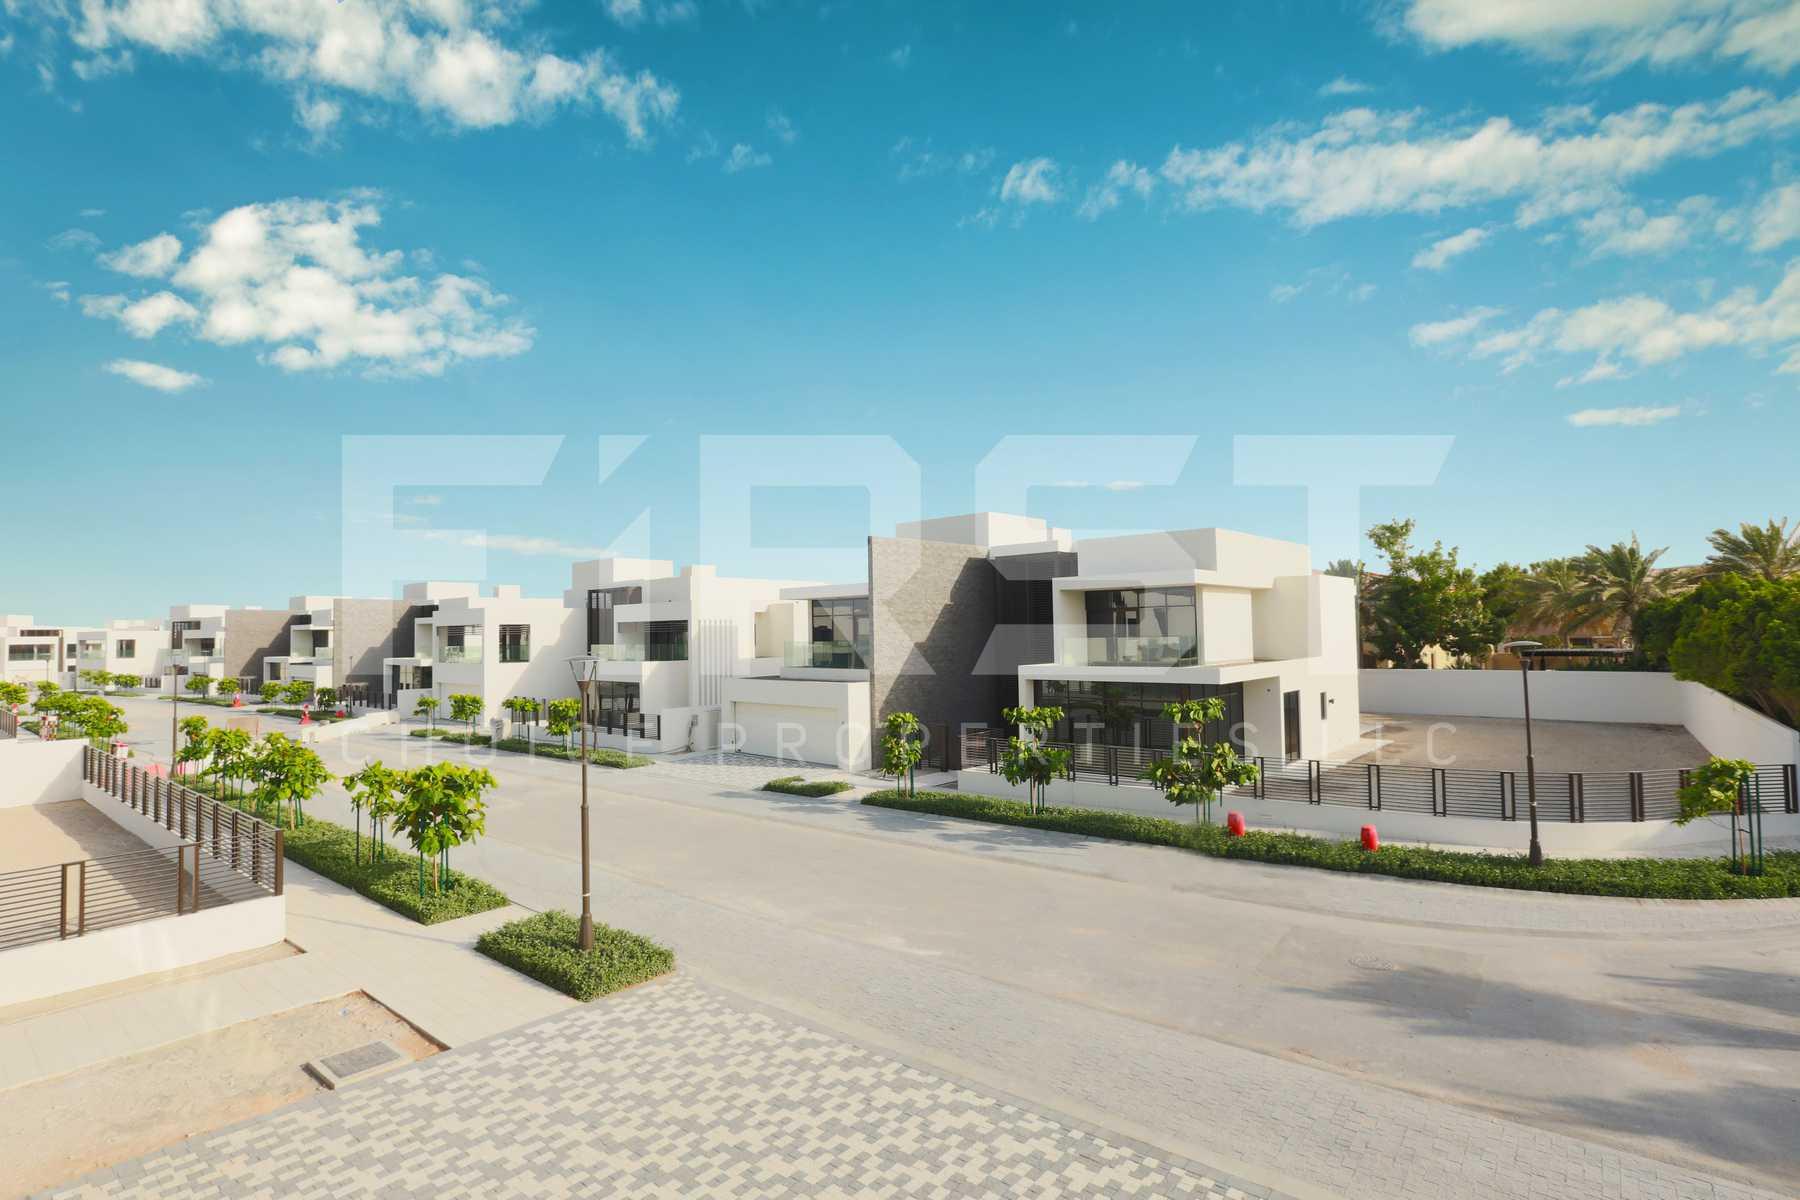 External Photo of 5 Bedroom Villa in Jawaher Saadiyat Saadiyat Island Abu Dhabi UAE (8).jpg